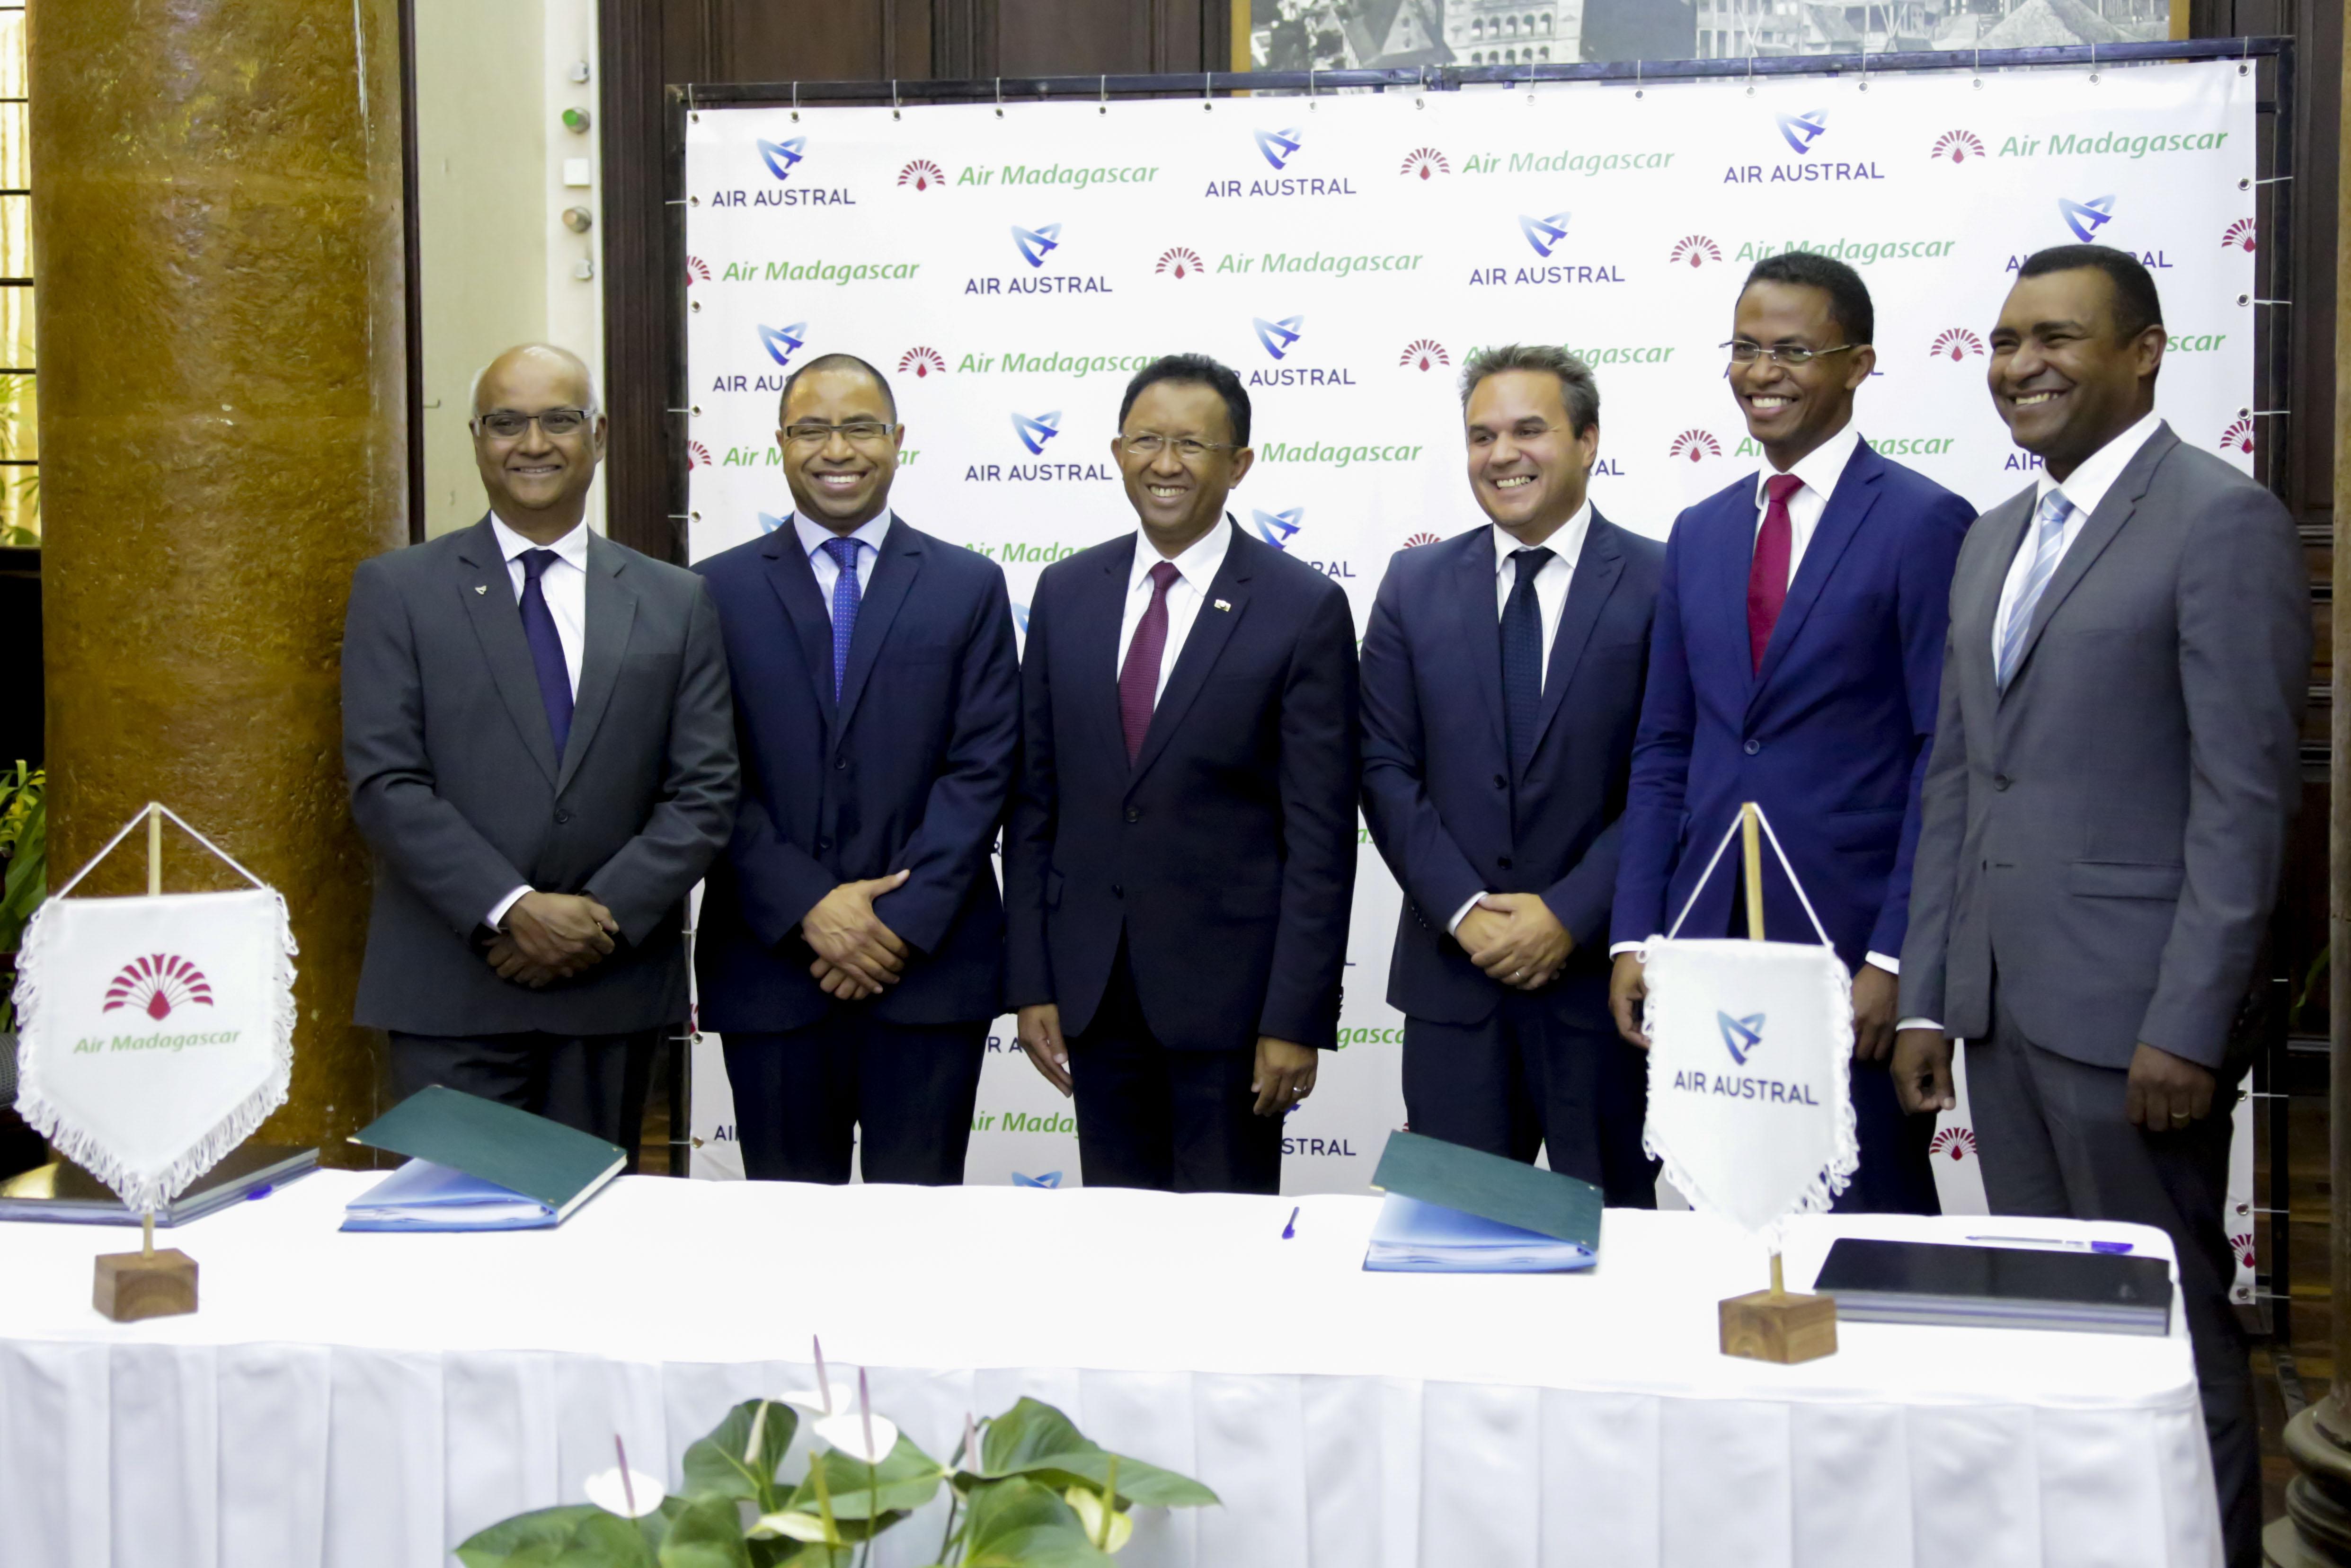 Les signataires du partenariat: Marie Joseph Malé (1er en partant de la gauche), Paul Rabary (2ème) et Ravala Beboarisima (5ème). Ils sont entourés entre autre du Président malgache (3ème) et de Didier Robert (4ème) ©Région Réunion